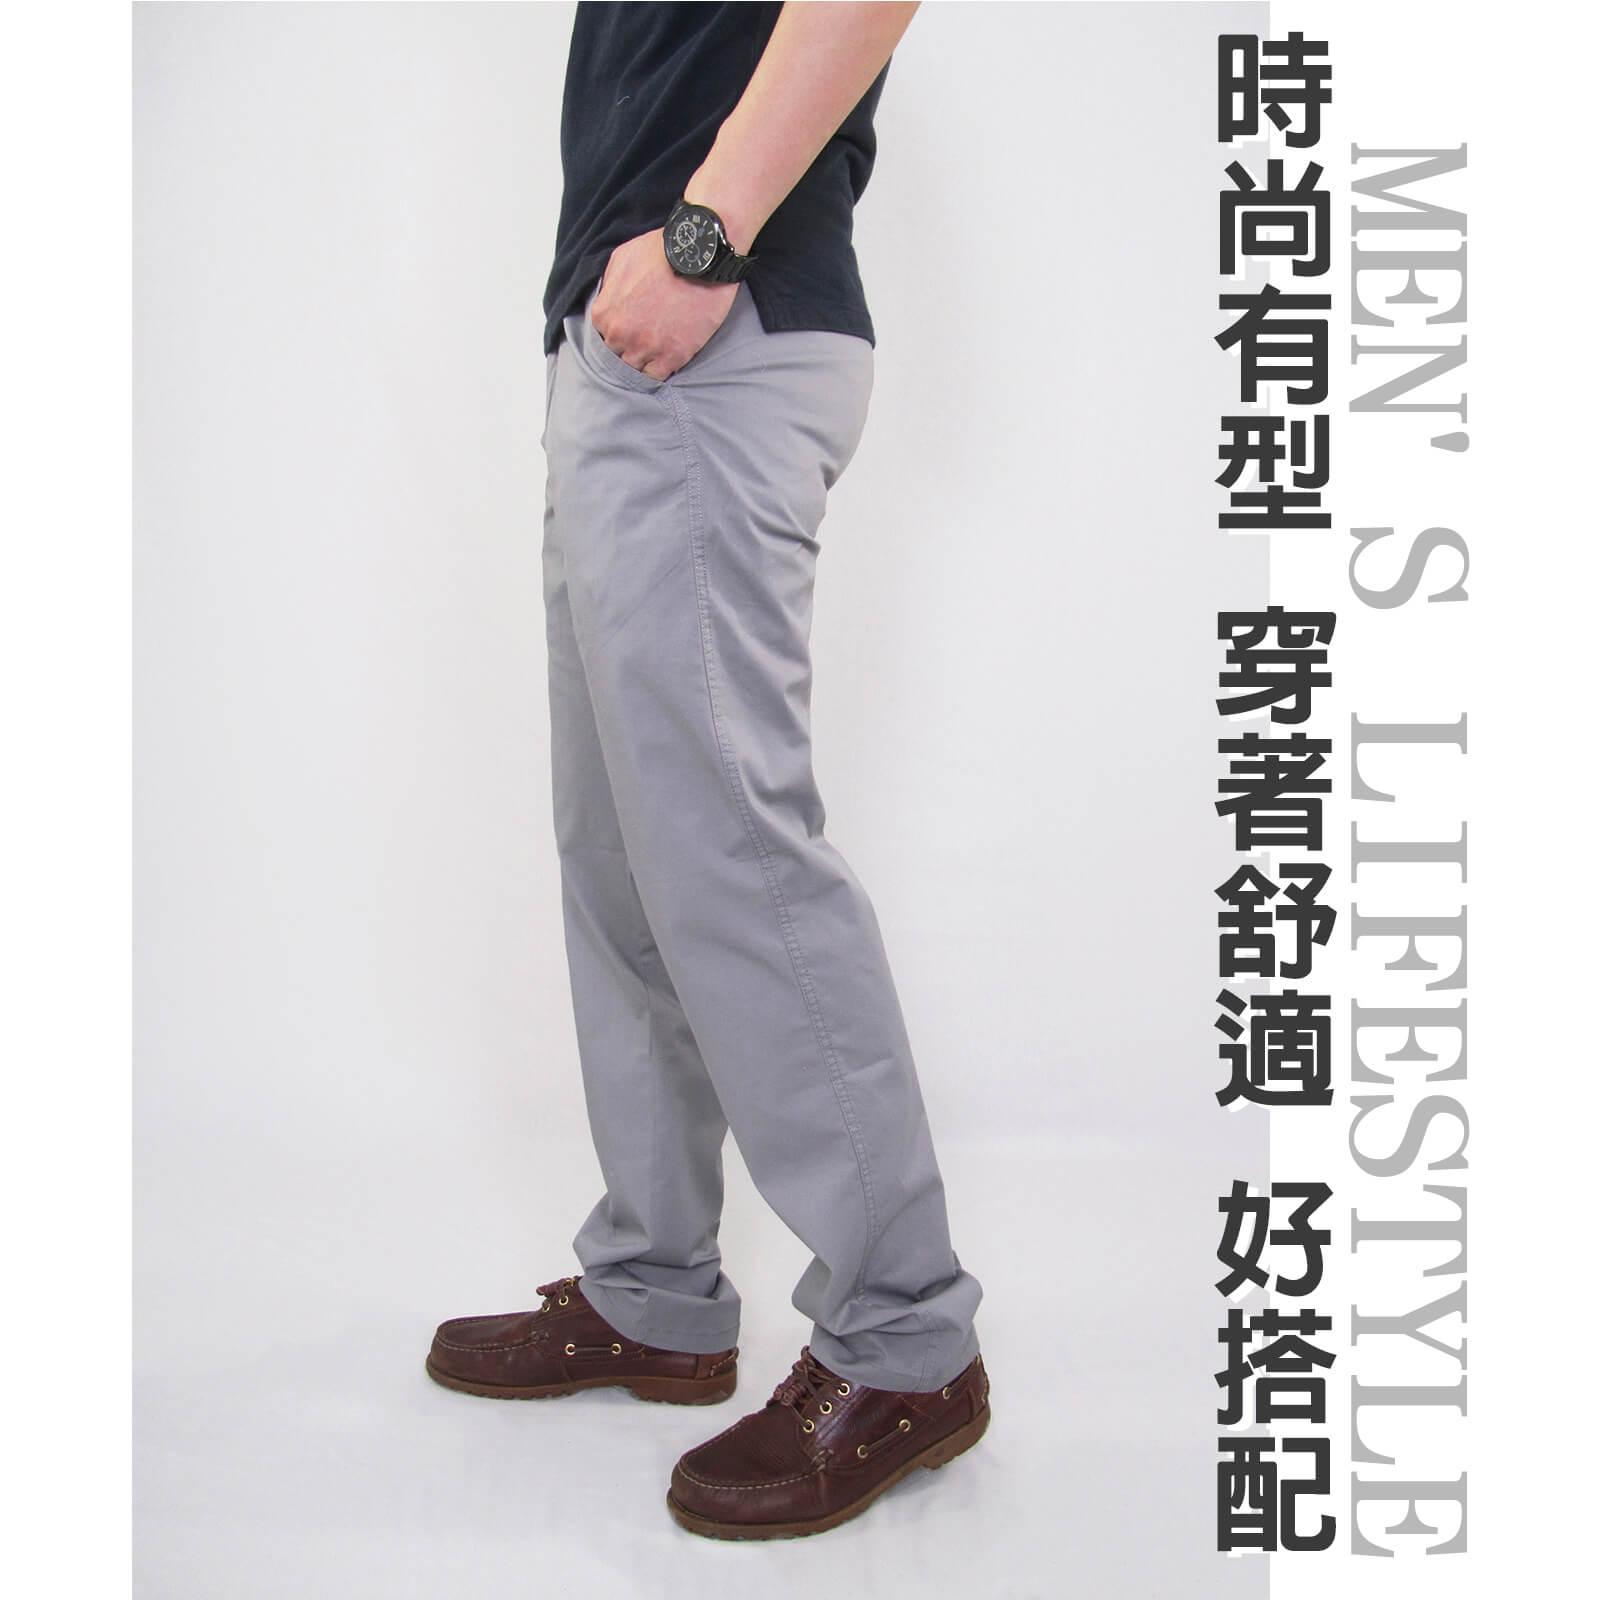 加大尺碼精梳棉平面休閒長褲 大尺寸顯瘦彈性長褲 時尚卡其長褲 PANTS (327-8106-01)銀灰色、(327-8106-02)卡其色 L XL 2L 3L 4L 5L (腰圍30~40英吋) [實體店面保障] sun-e 6